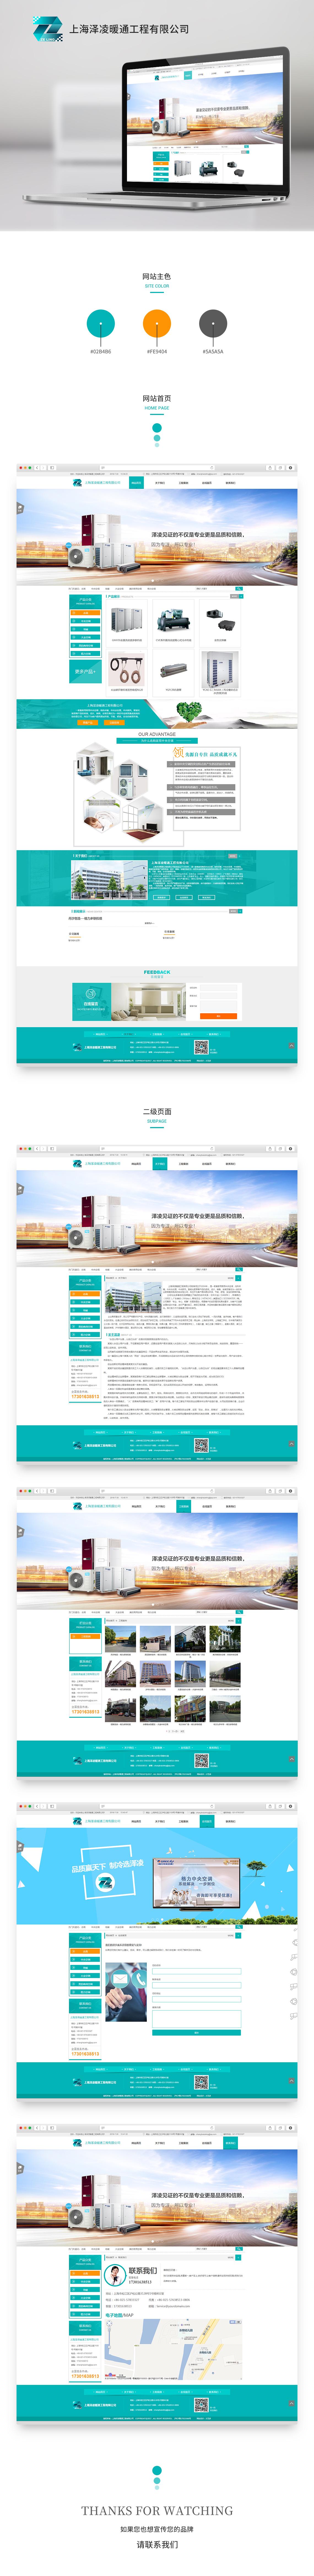 公司案例展示2018-21上海泽凌暖通工程有限公司